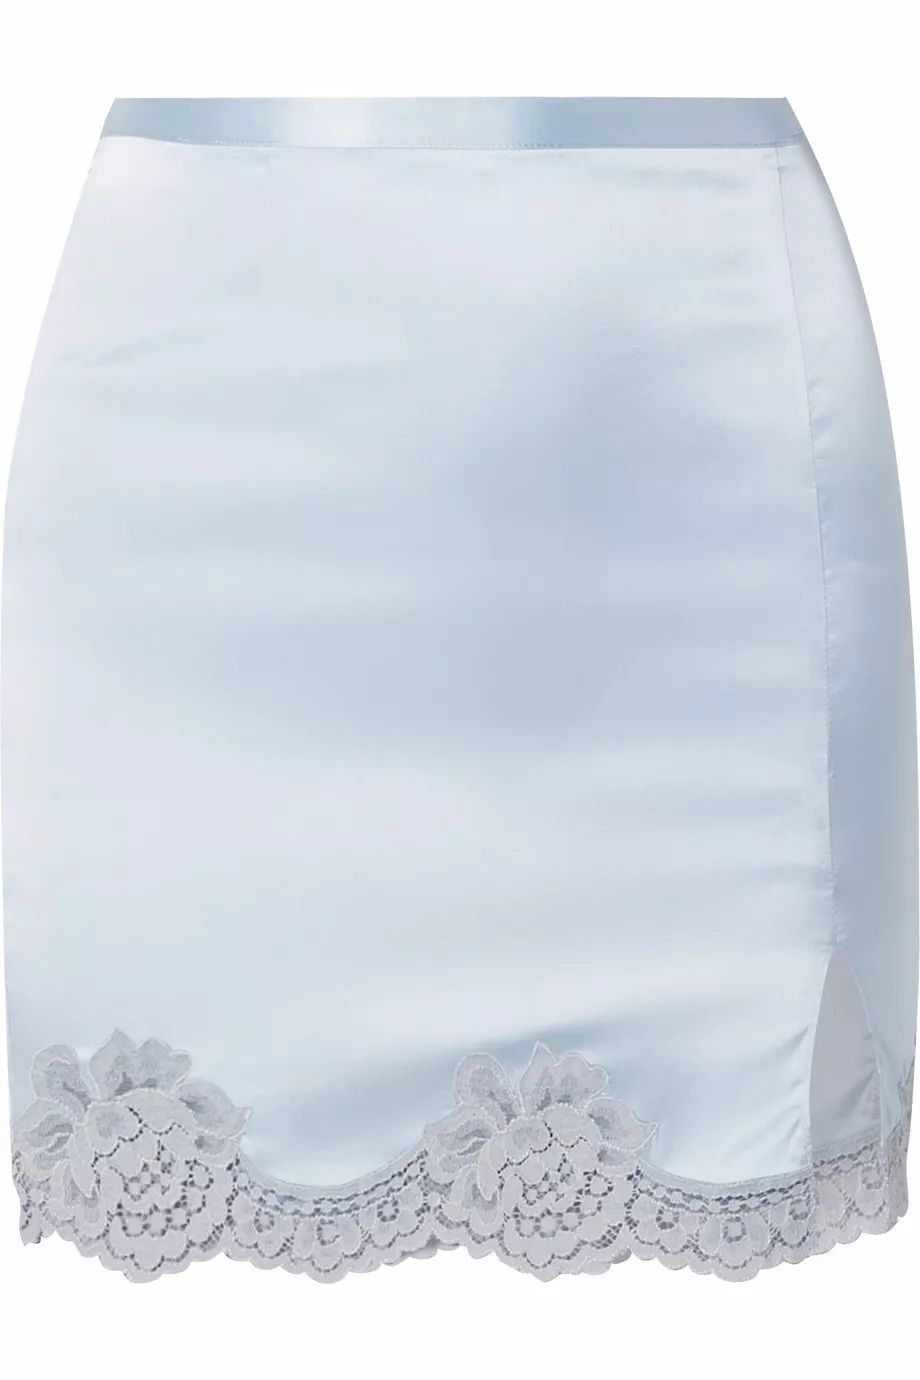 布边/jy���l#�ad�i���'9��_fleur du mal 蕾丝边饰真丝混纺缎布迷你半身裙